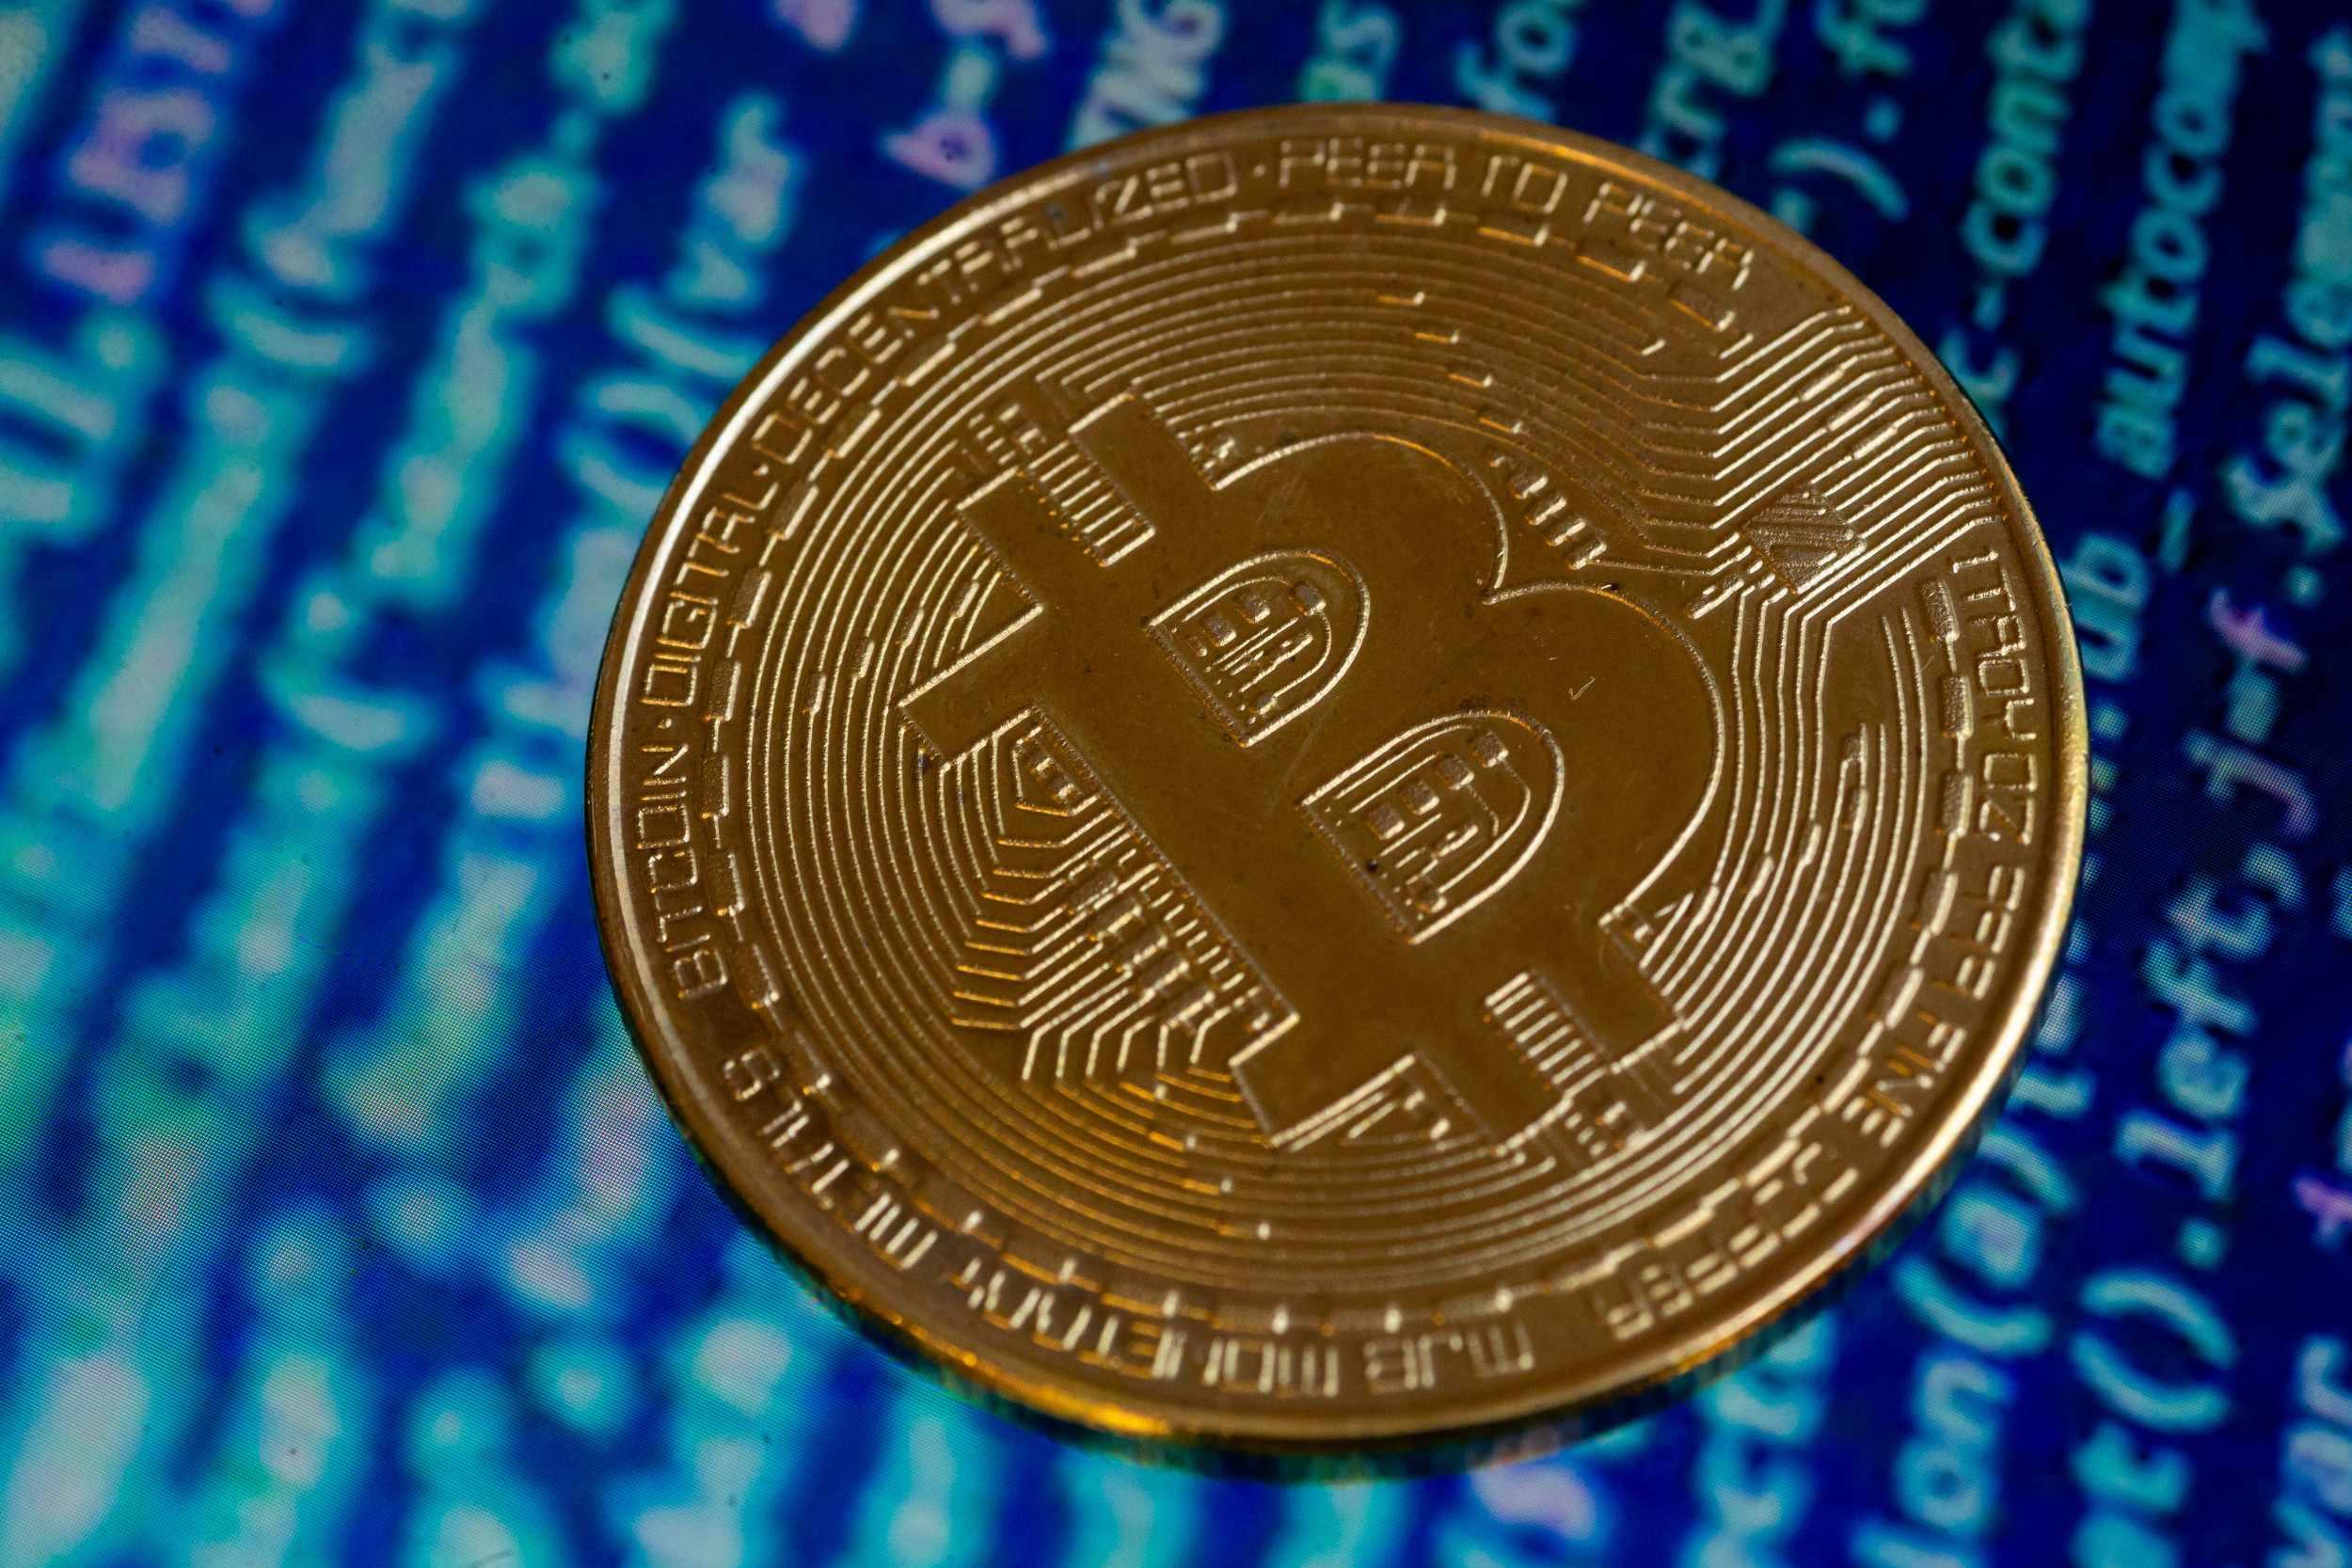 bitcoin money investors prepared lose